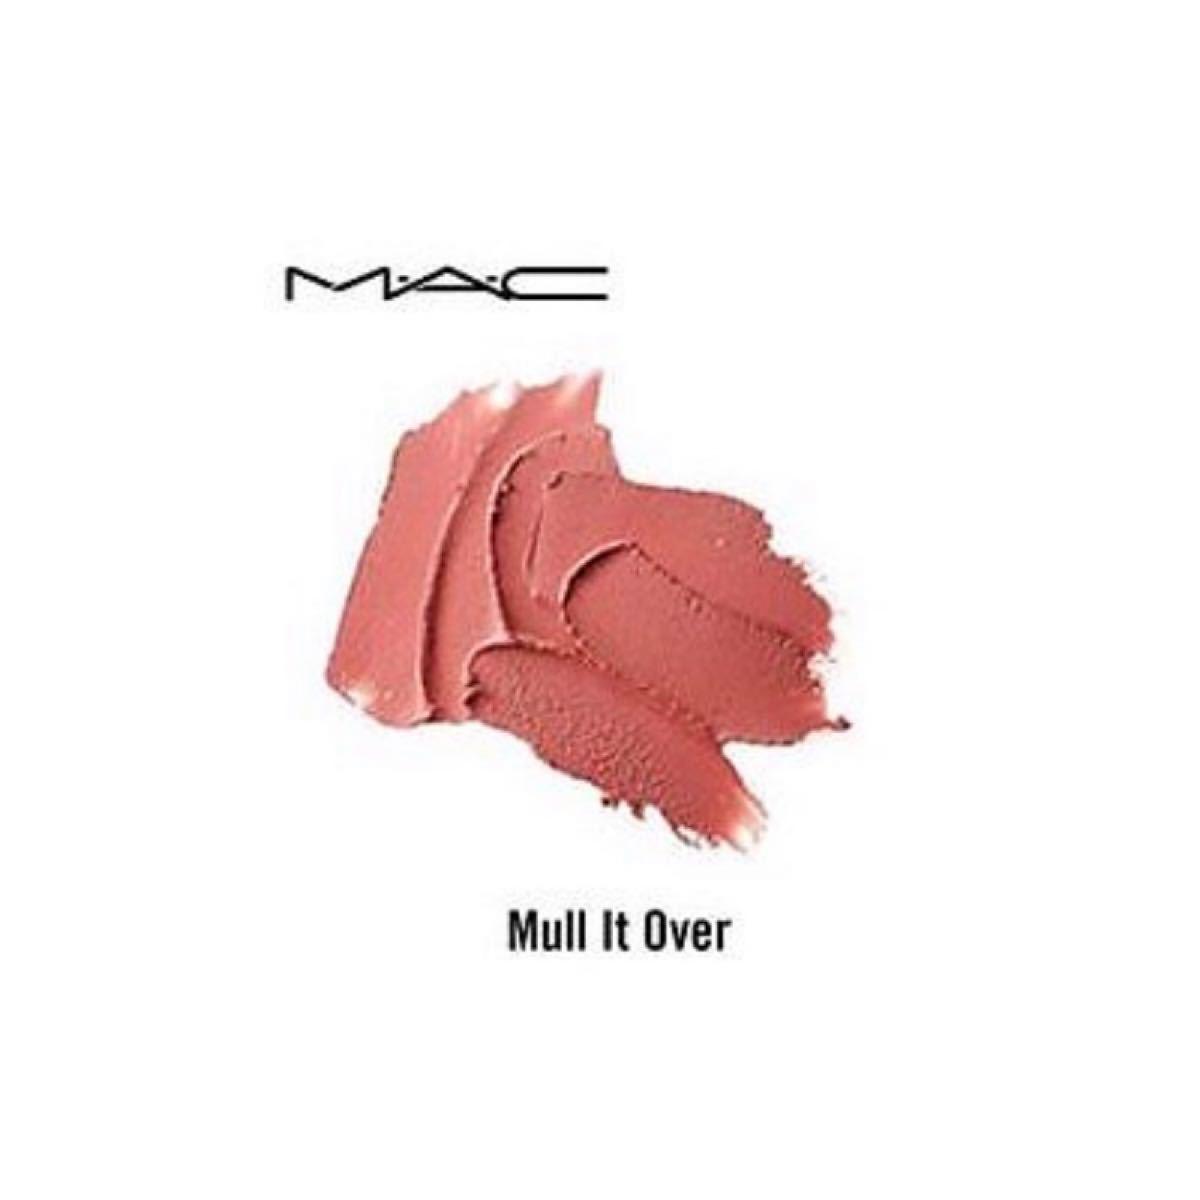 MAC/【MULL IT OVER】パウダーキス リップスティック 口紅 マック マルイットオーバー